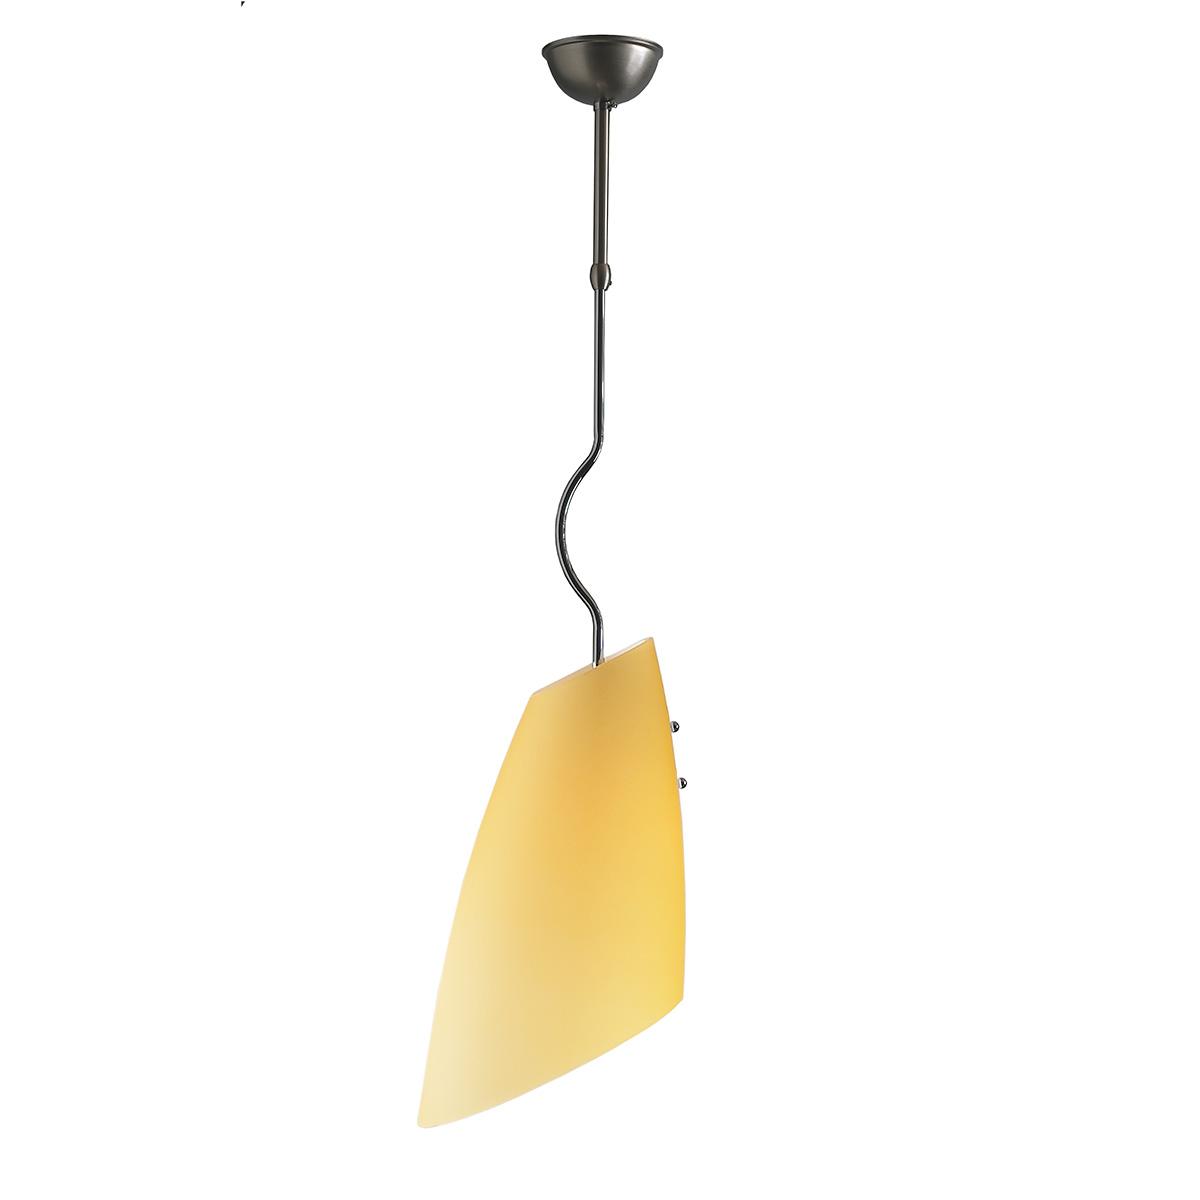 Μοντέρνο φωτιστικό Μουράνο DONNA modern suspension lamp